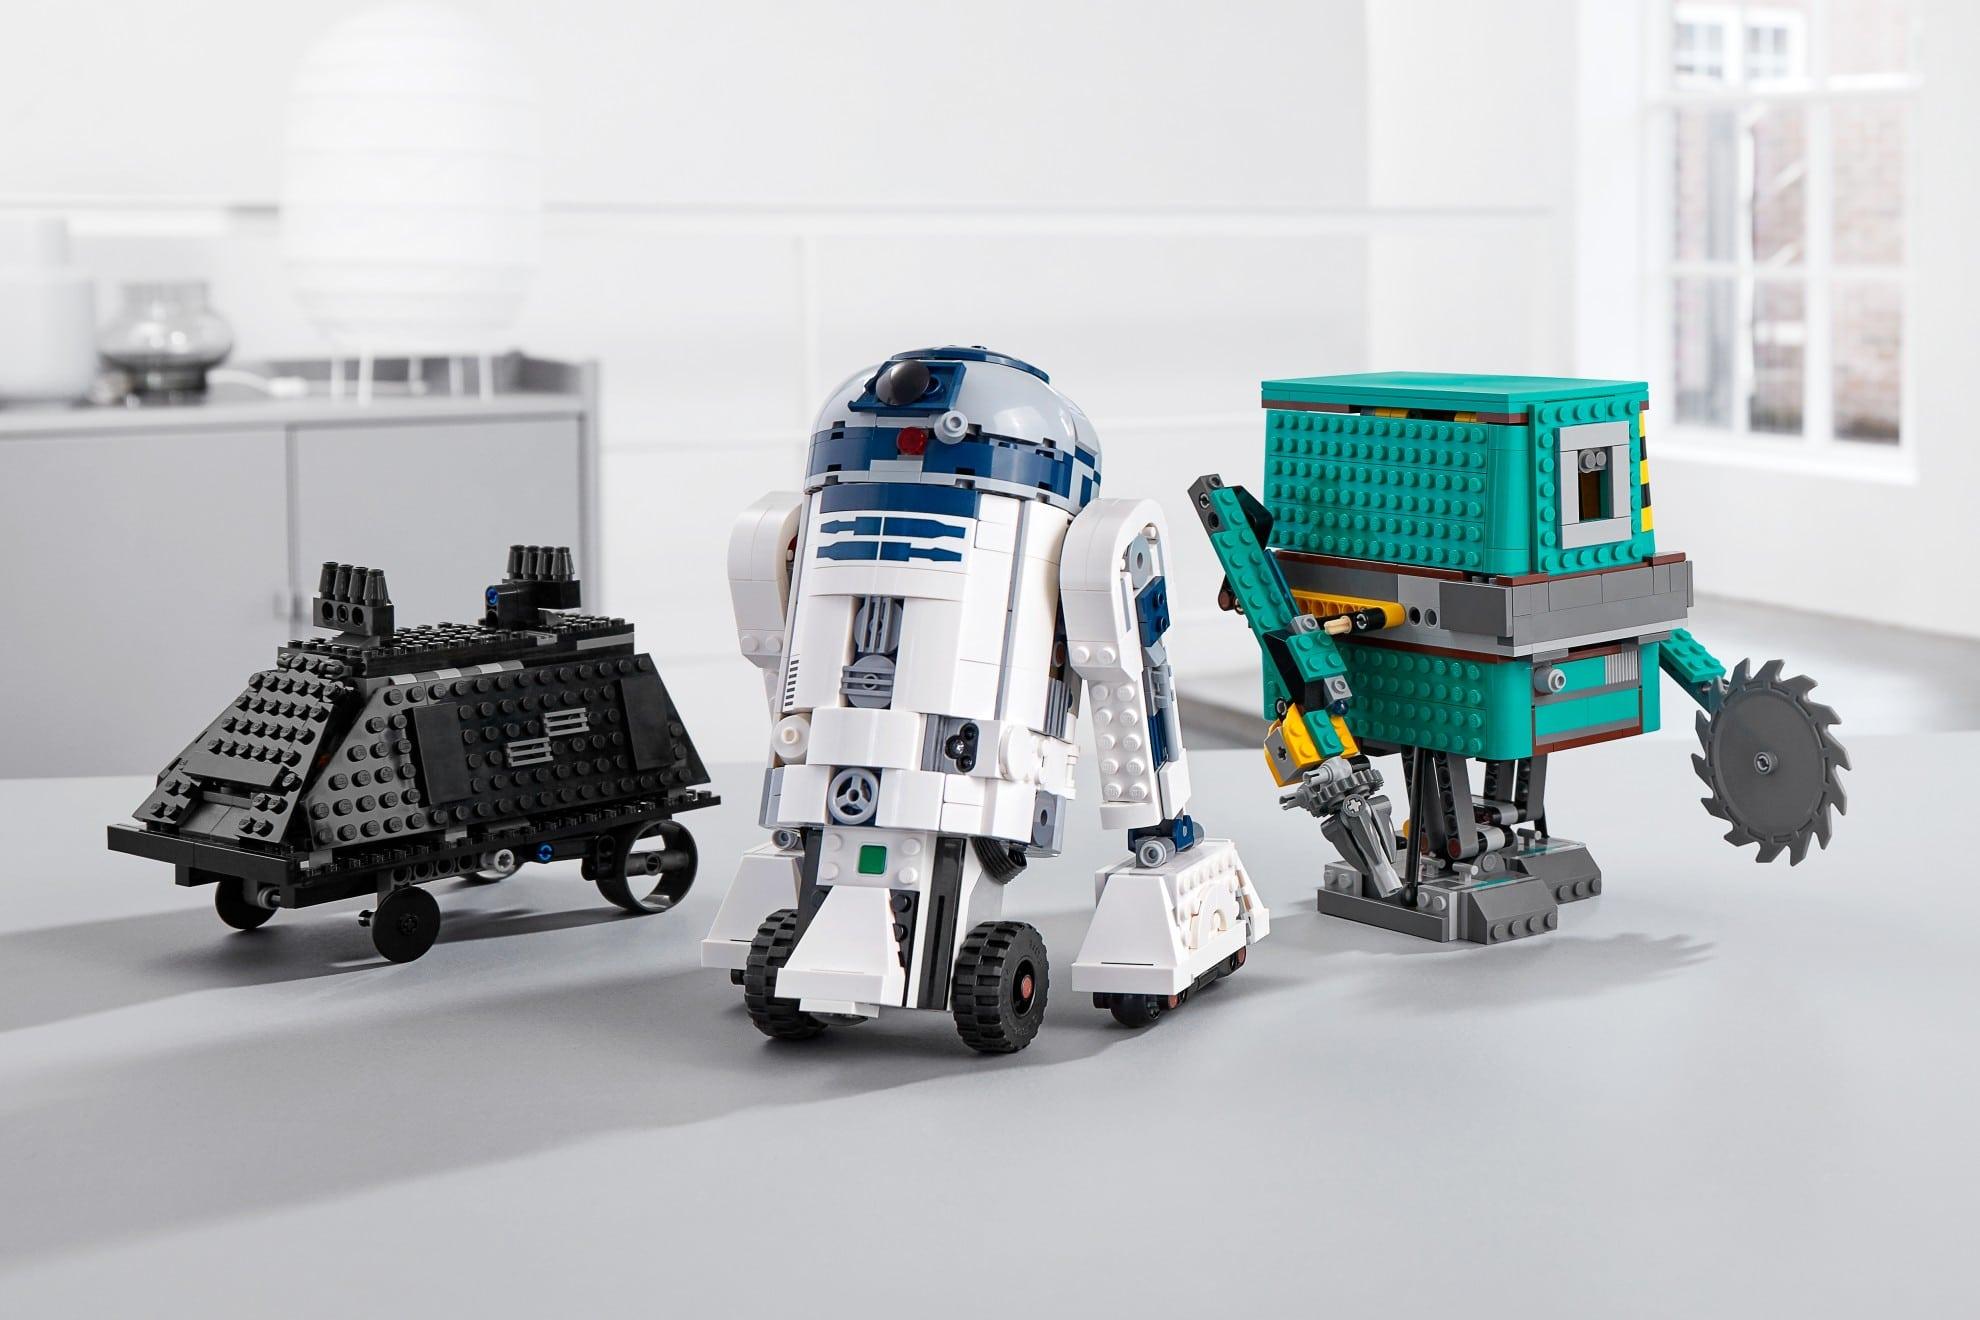 LEGO Star Wars Boost Droide: Baut euch einen eigenen R2-D2